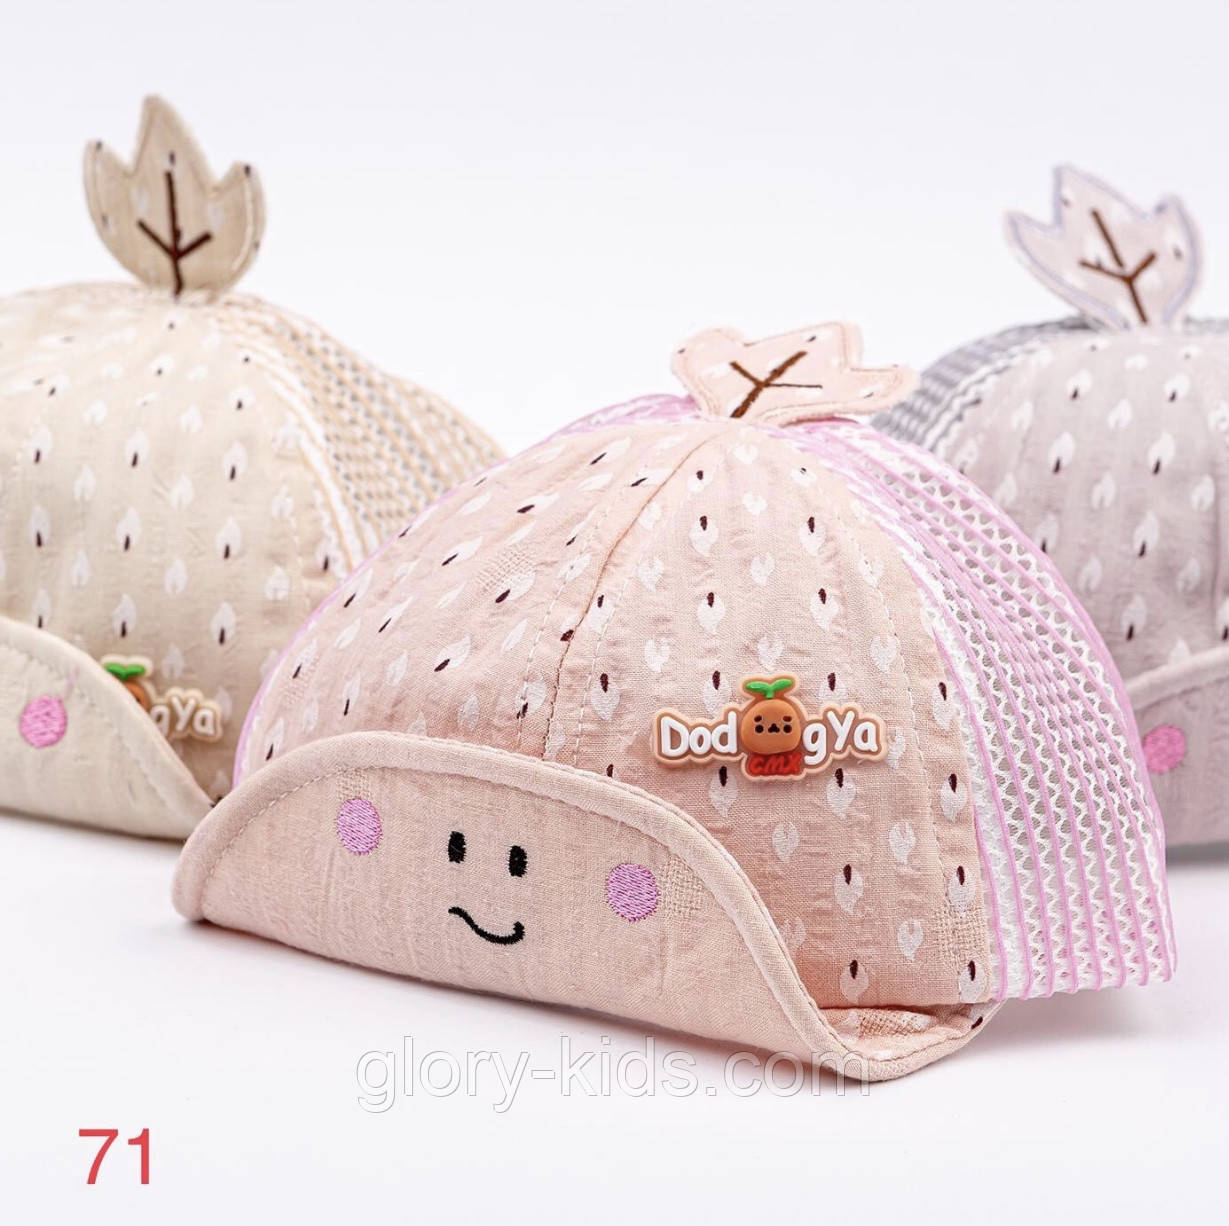 Маленькая кепка для детей р44-46 поштучно